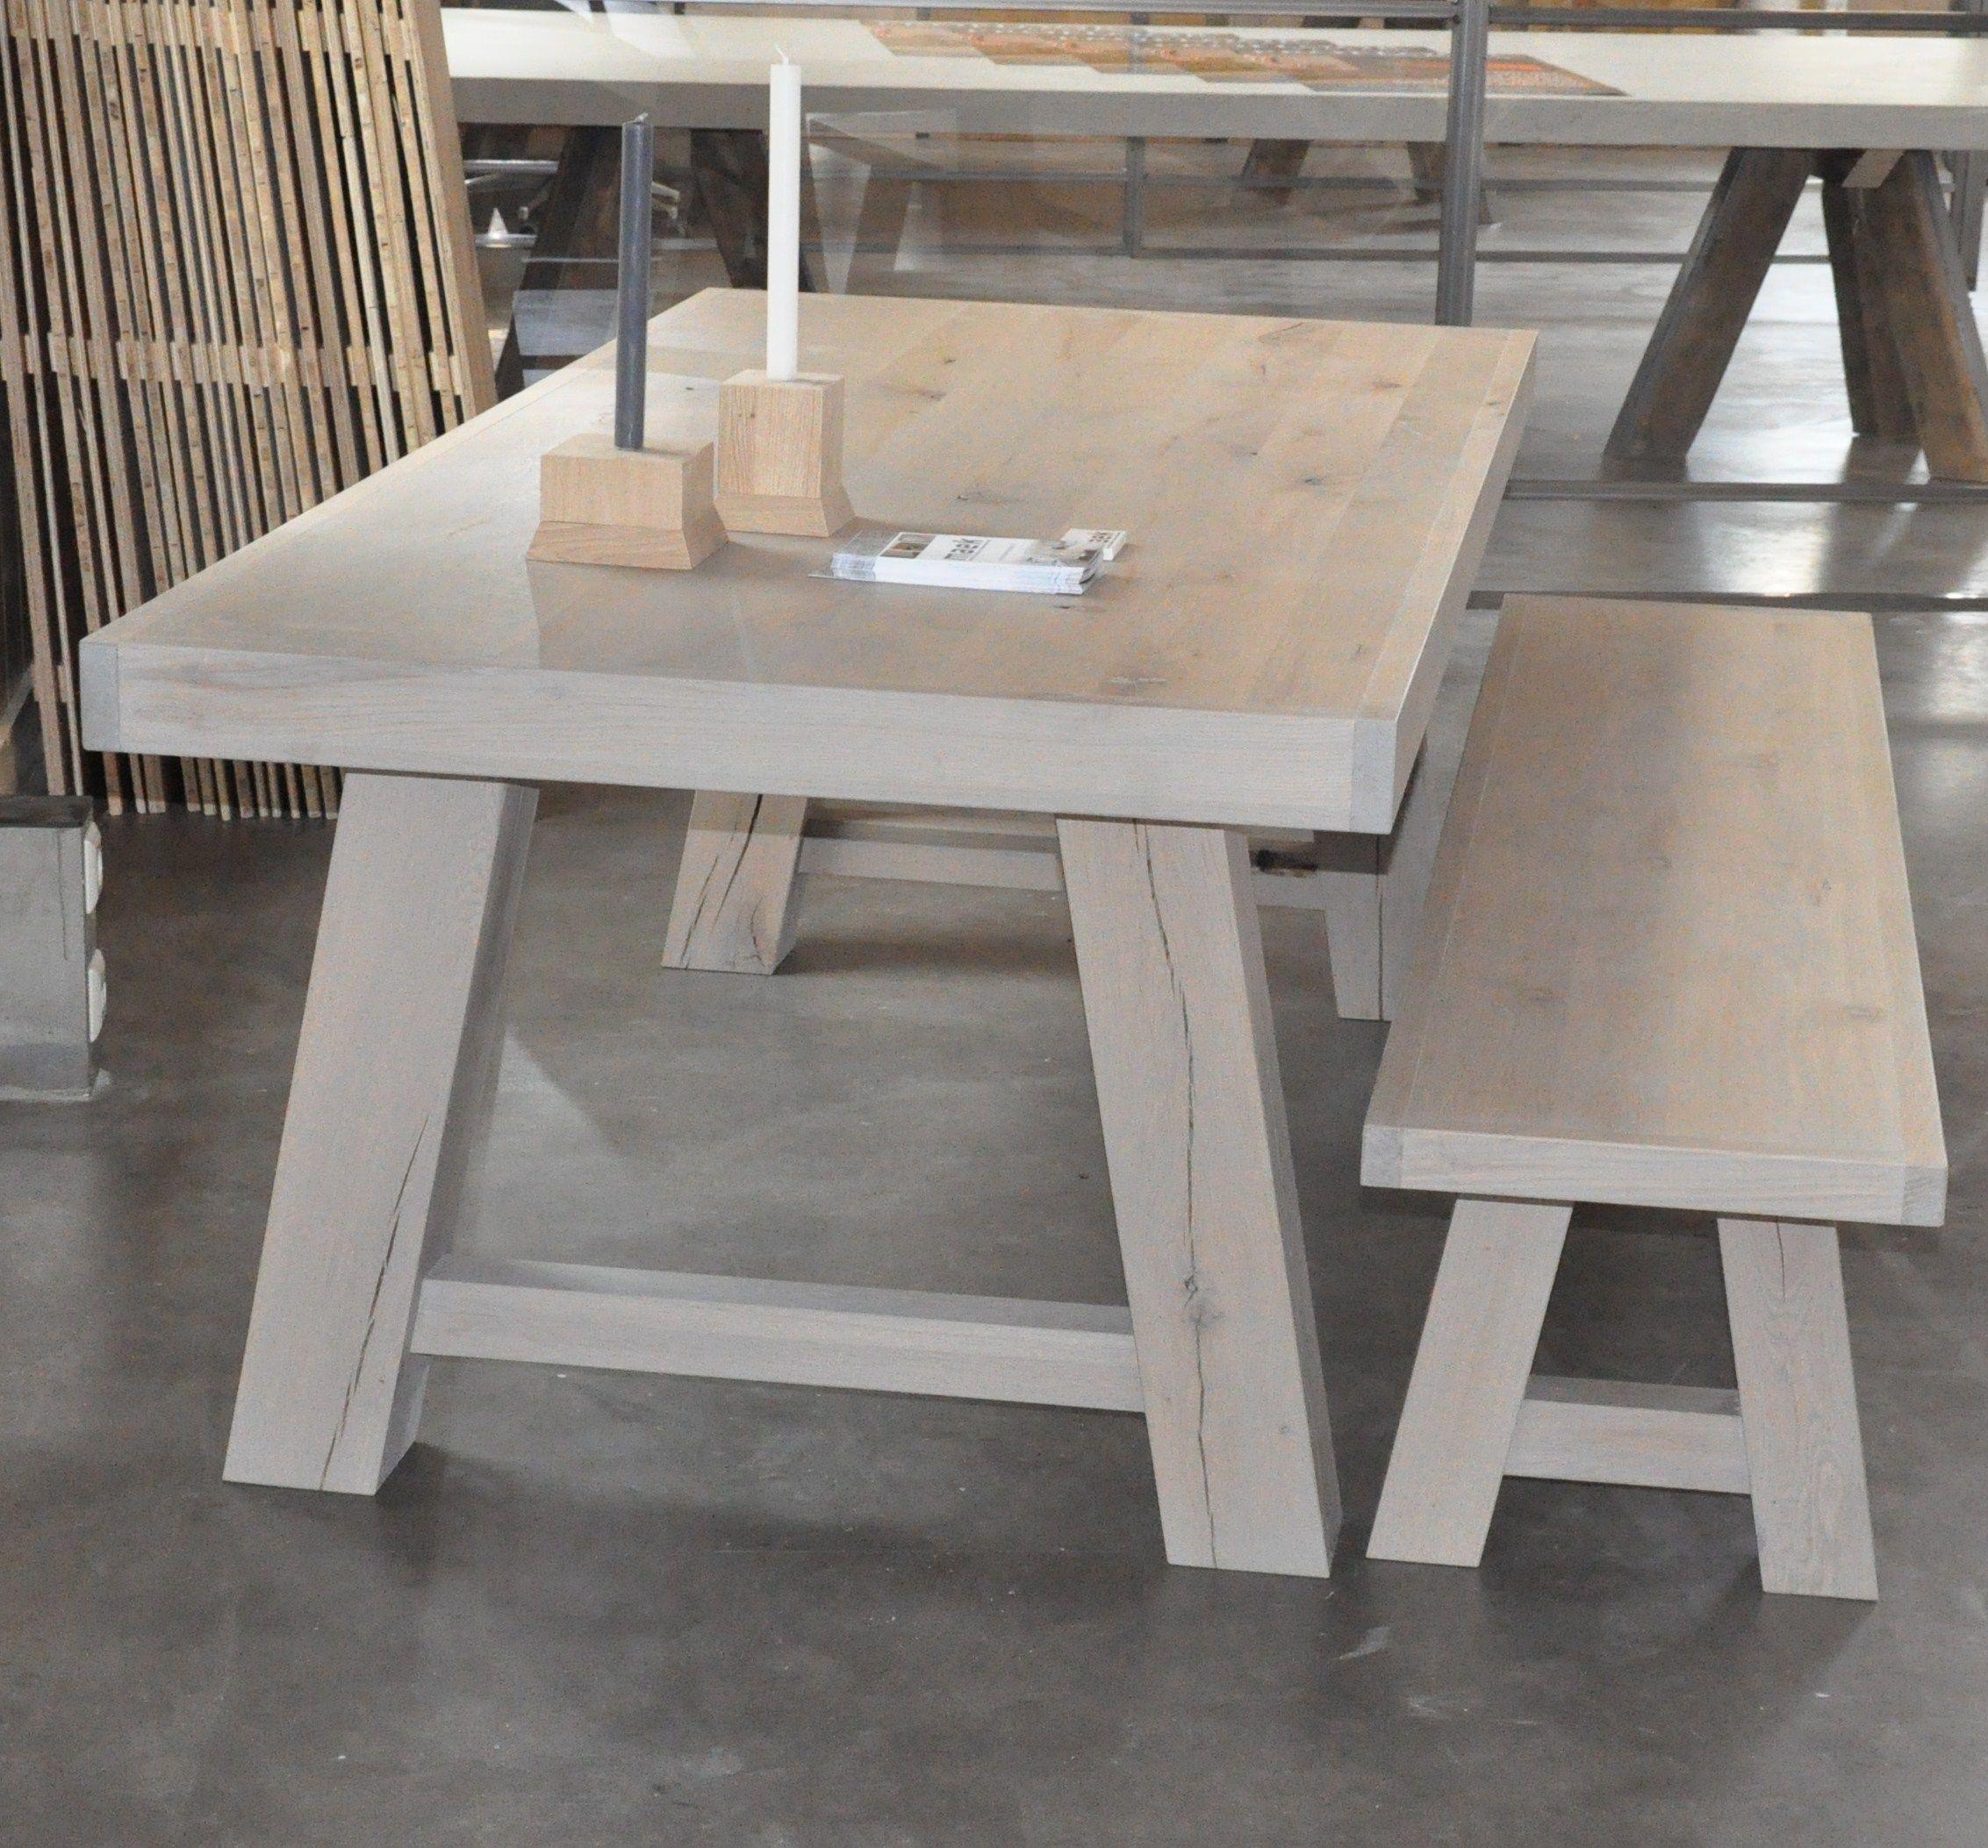 Grove eiken tafel met bijpassend bankje van MAEK meubels